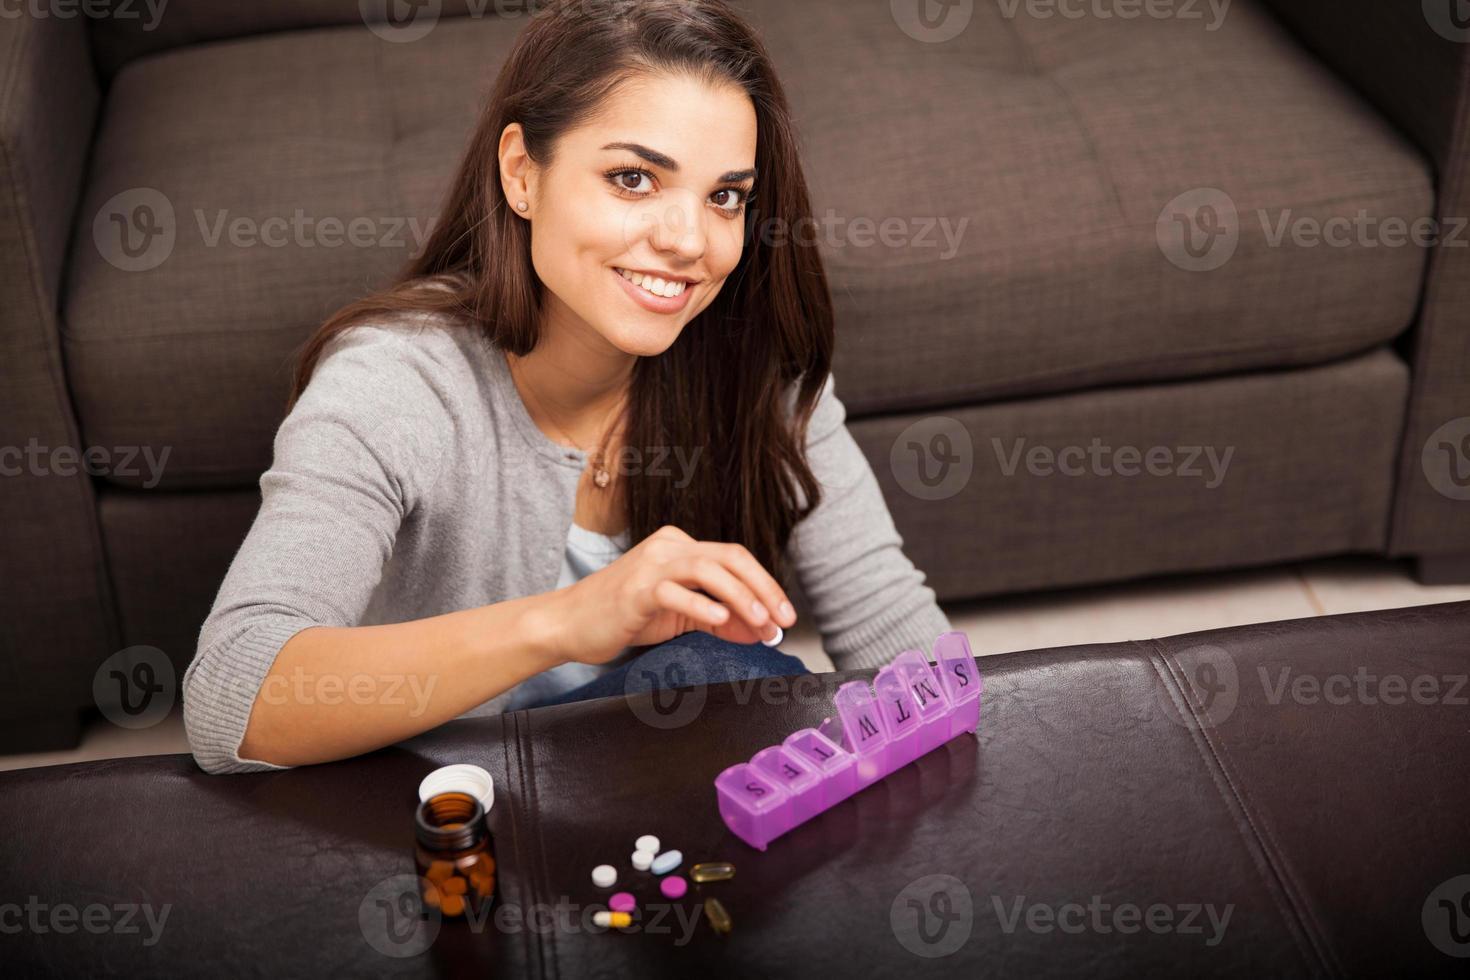 söt tjej som organiserar piller foto